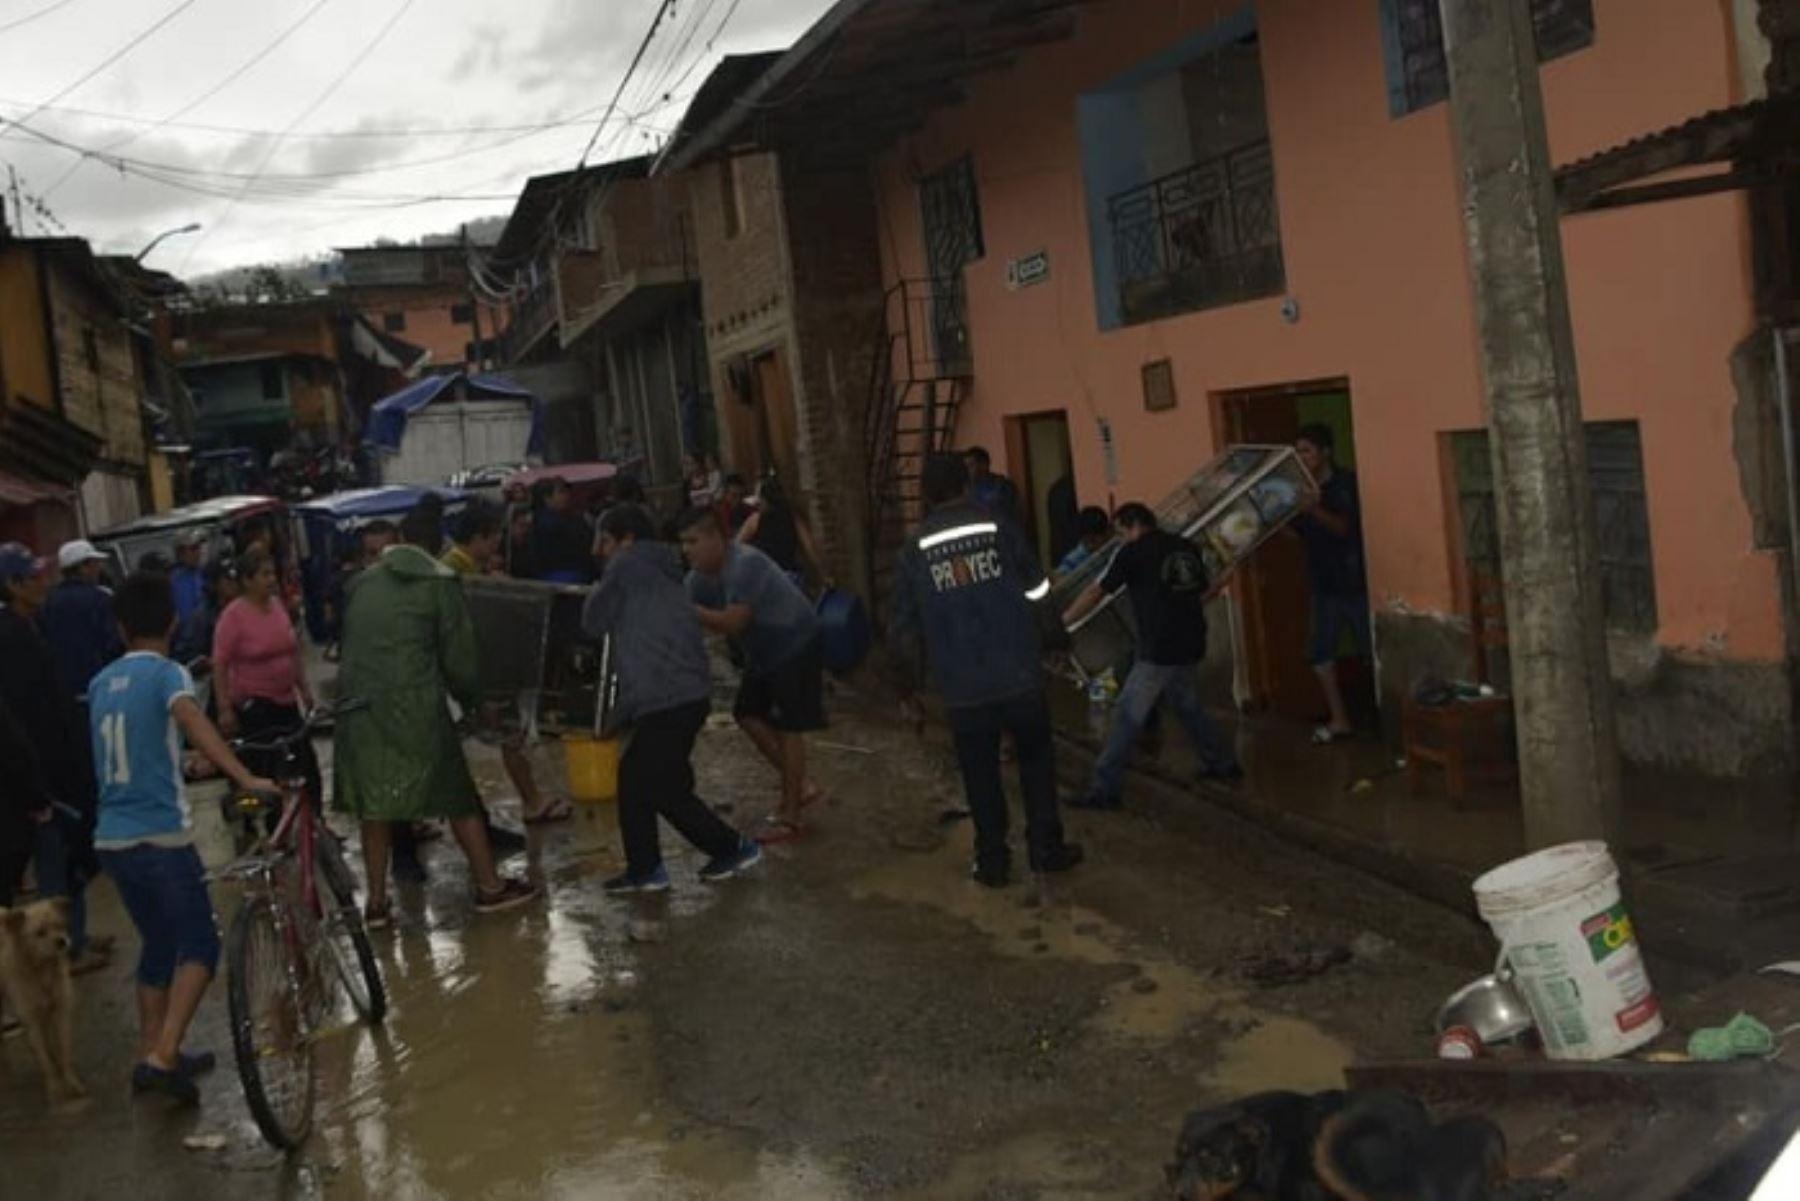 Debido a las fuertes lluvias registradas en la provincia de Huancabamba, región Piura, se afectaron diversas zonas, como los barrios de Jibaja Che, Ramón Castilla, Alto de la Paloma, La Villa, entre otros, en el distrito de Sondorillo; donde se han producido inundaciones de viviendas, deslizamientos, derrumbes y desborde de acequia, informó la municipalidad provincial.